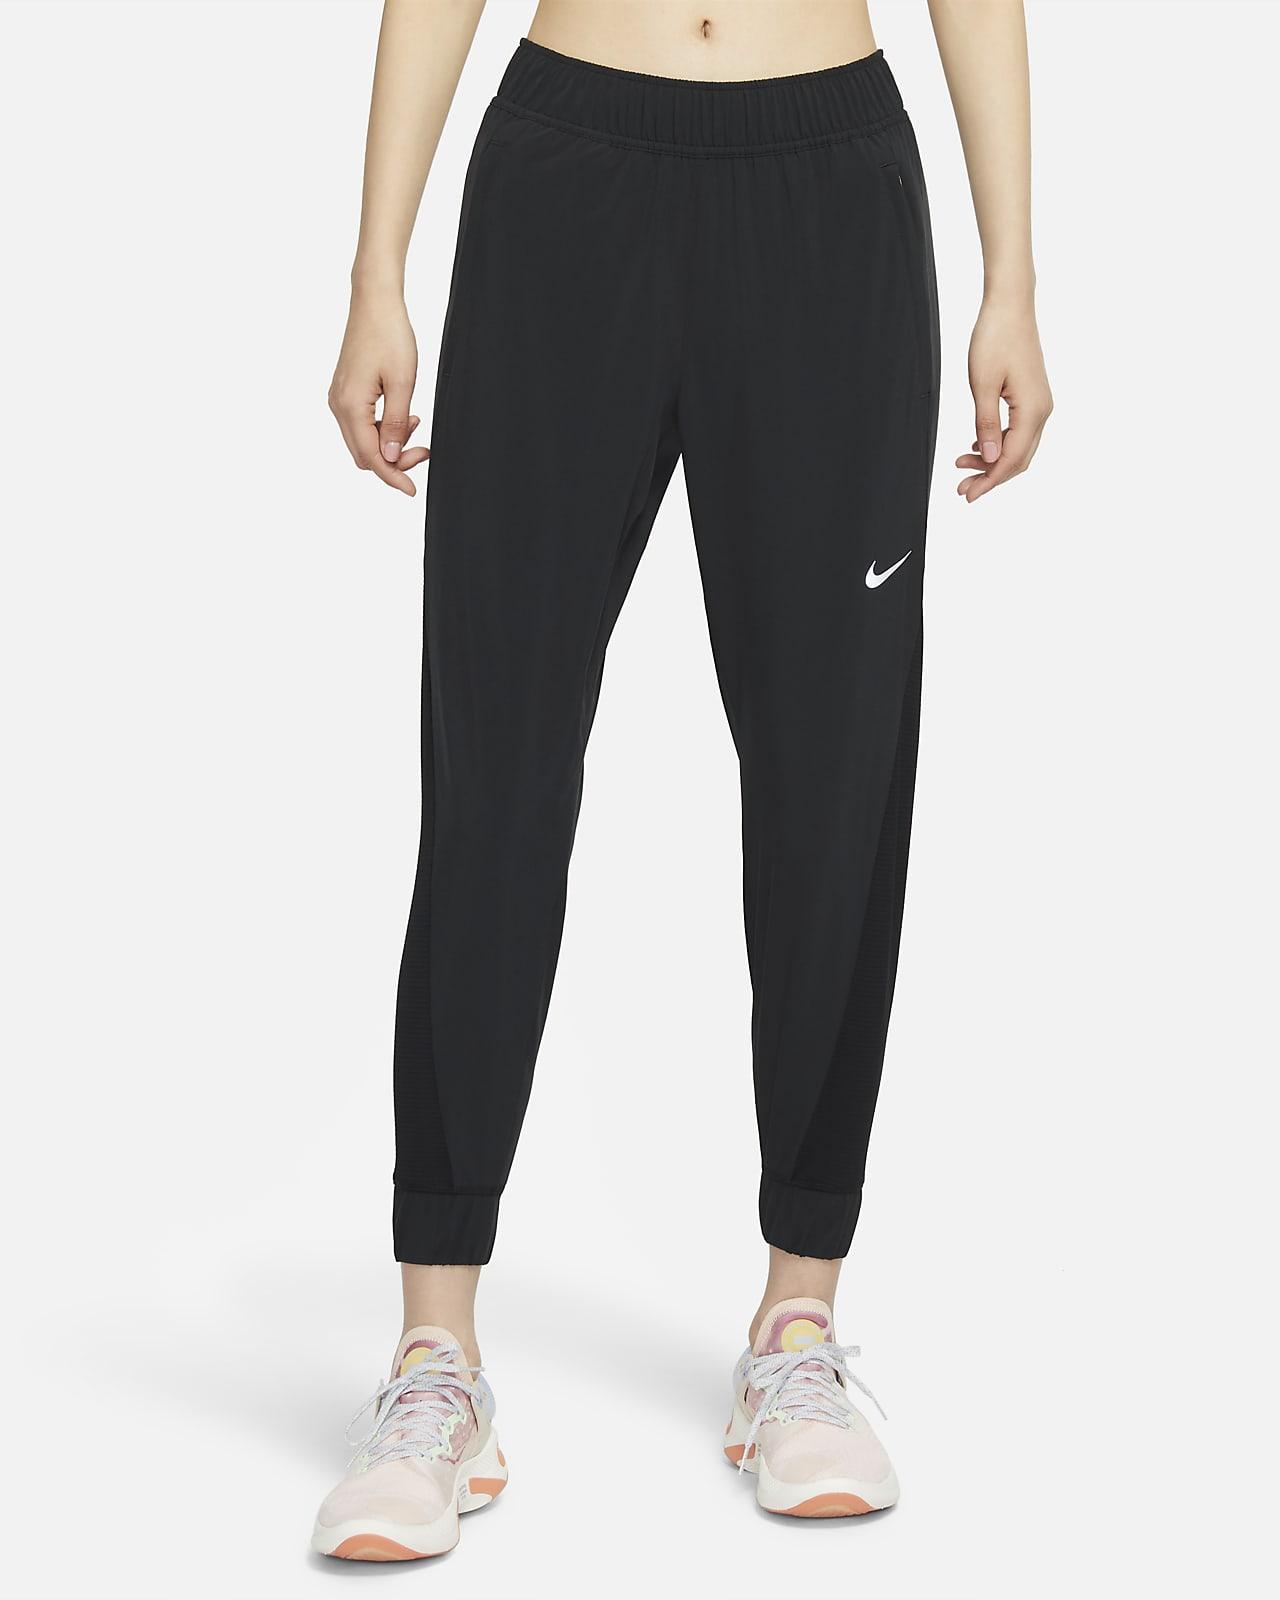 กางเกงวิ่งขายาวผู้หญิง Nike Essential